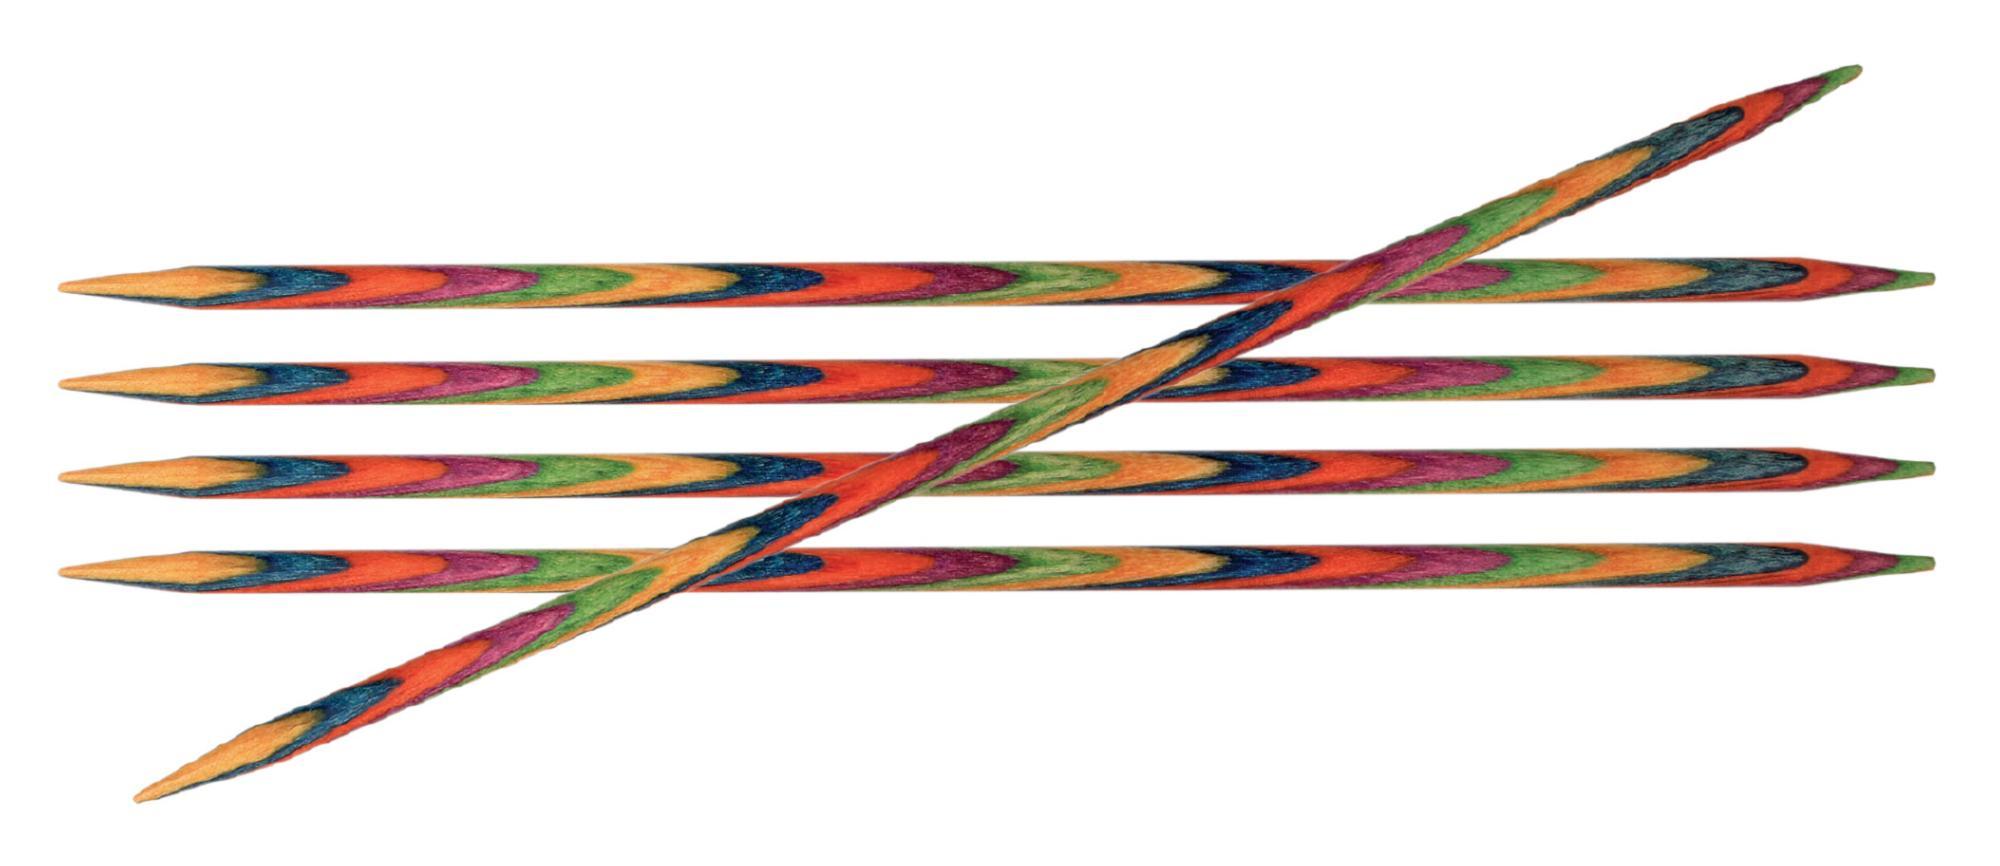 Спицы носочные 10 см Symfonie Wood KnitPro, 20129, 3.00 мм